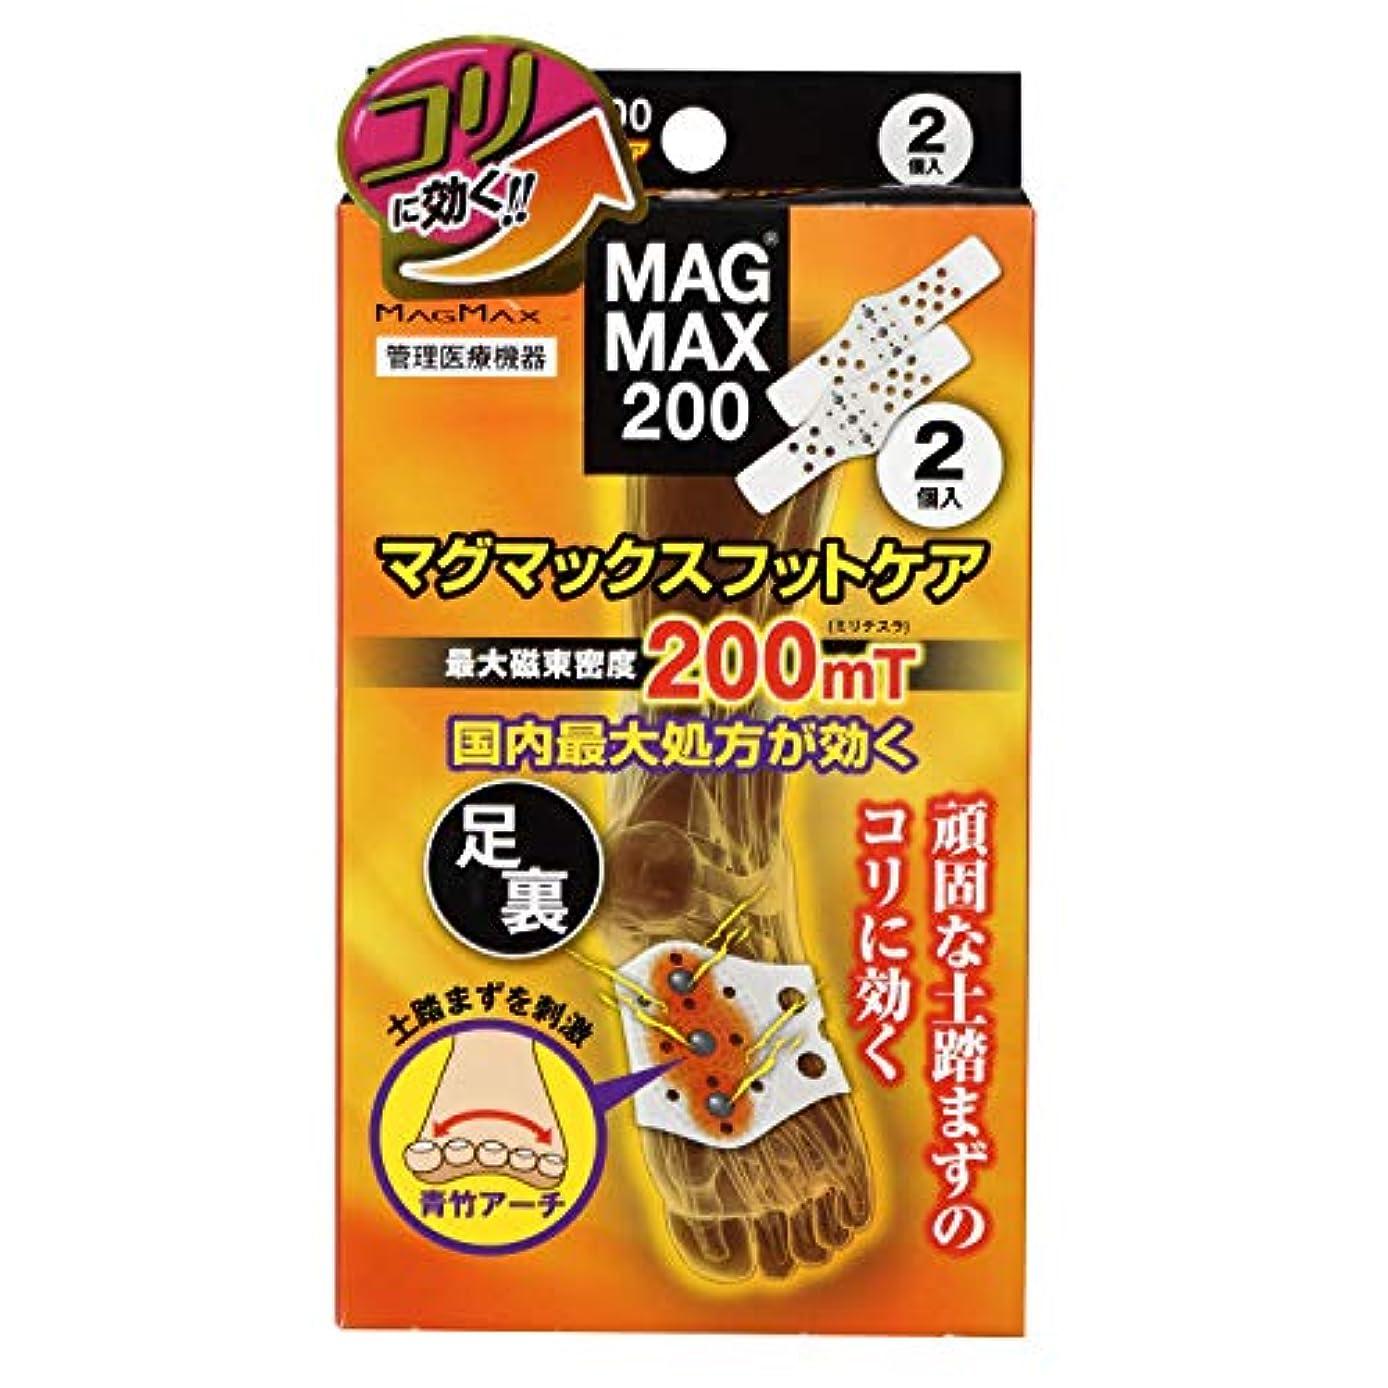 写真撮影浪費いじめっ子マグマックスフットケア MAGMAX200 足裏用磁気ベルト マグネットケア 磁束密度200mT (2個入り)